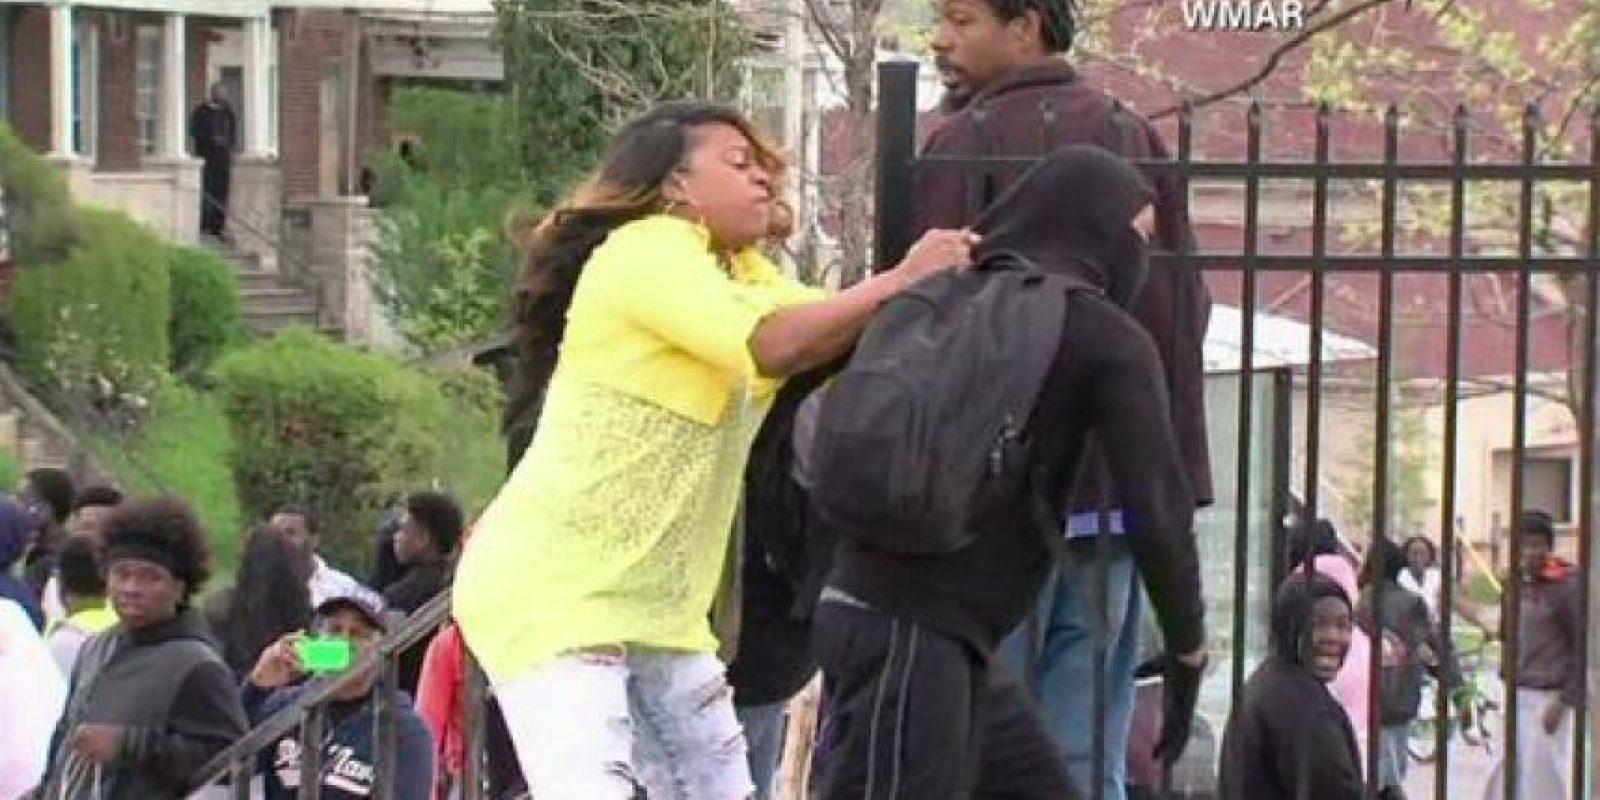 La imagen de una señora evitando que su hijo hiciera destrozos también se volvió viral en este día Foto:Twitter.com/JakeBurnsCBS6